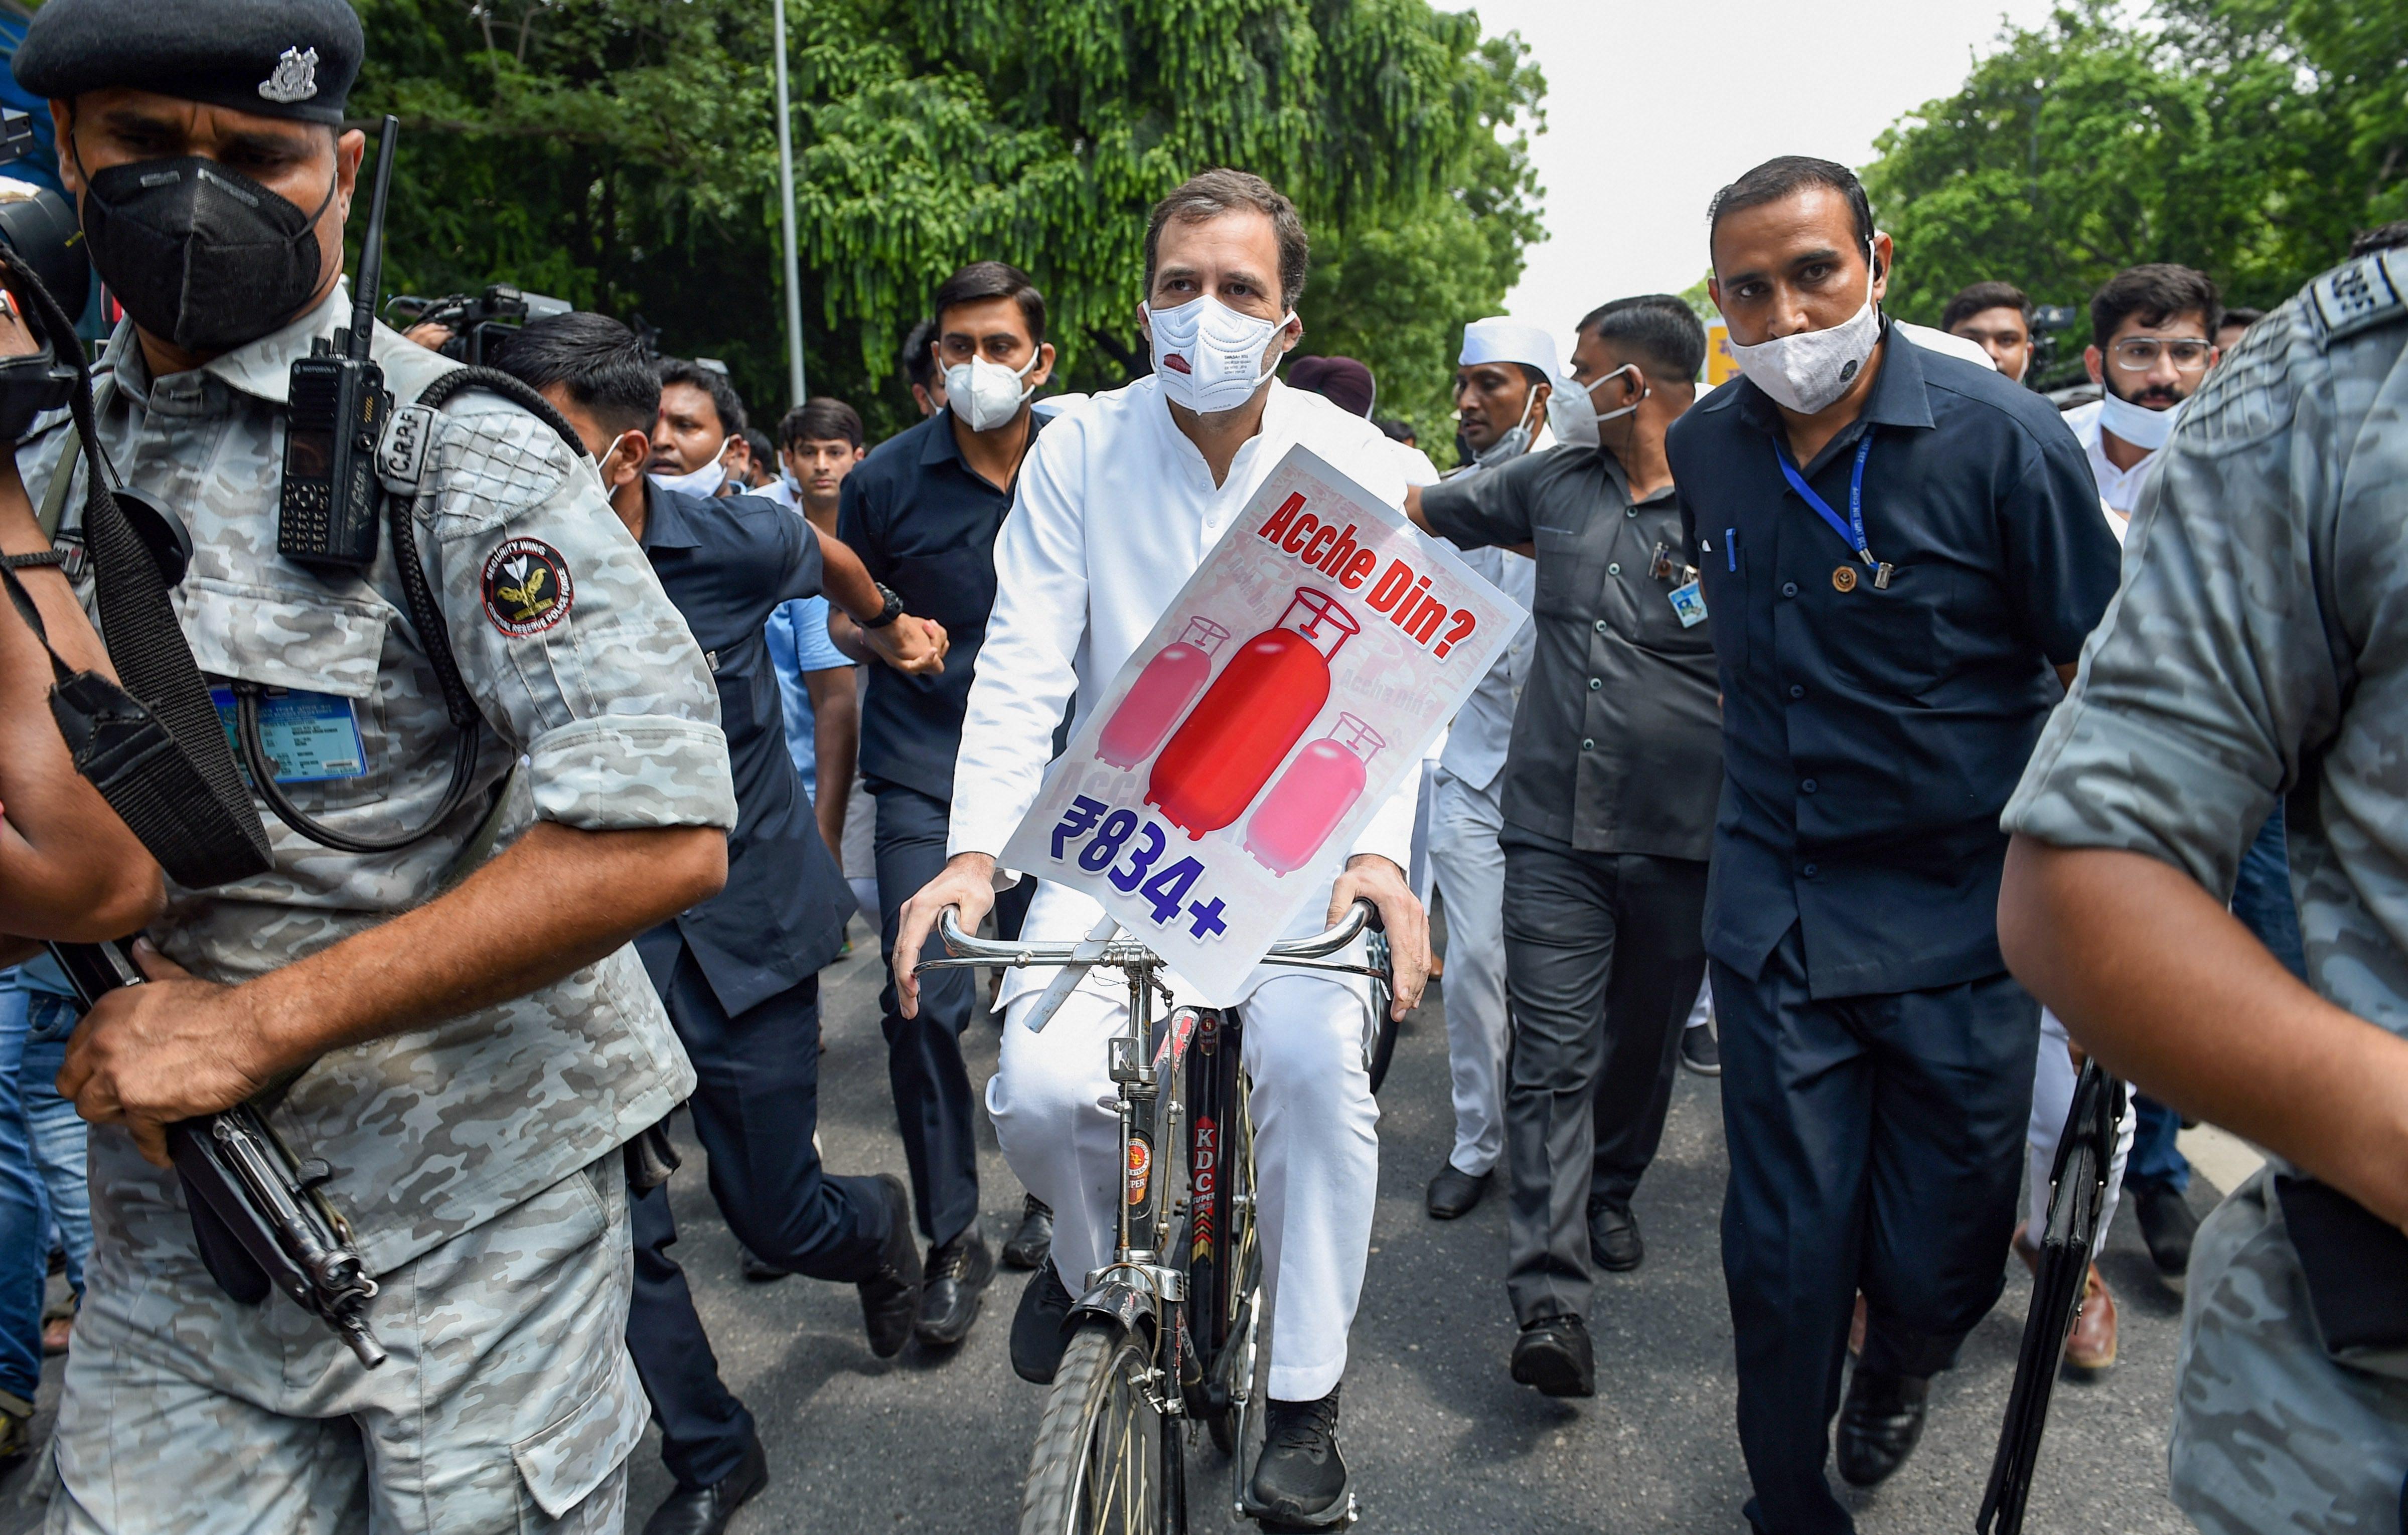 पेट्रोल और गैस सिलेंडर की बढ़ती कीमतों के विरोध में साइकिल से संसद जाते राहुल गांधी।